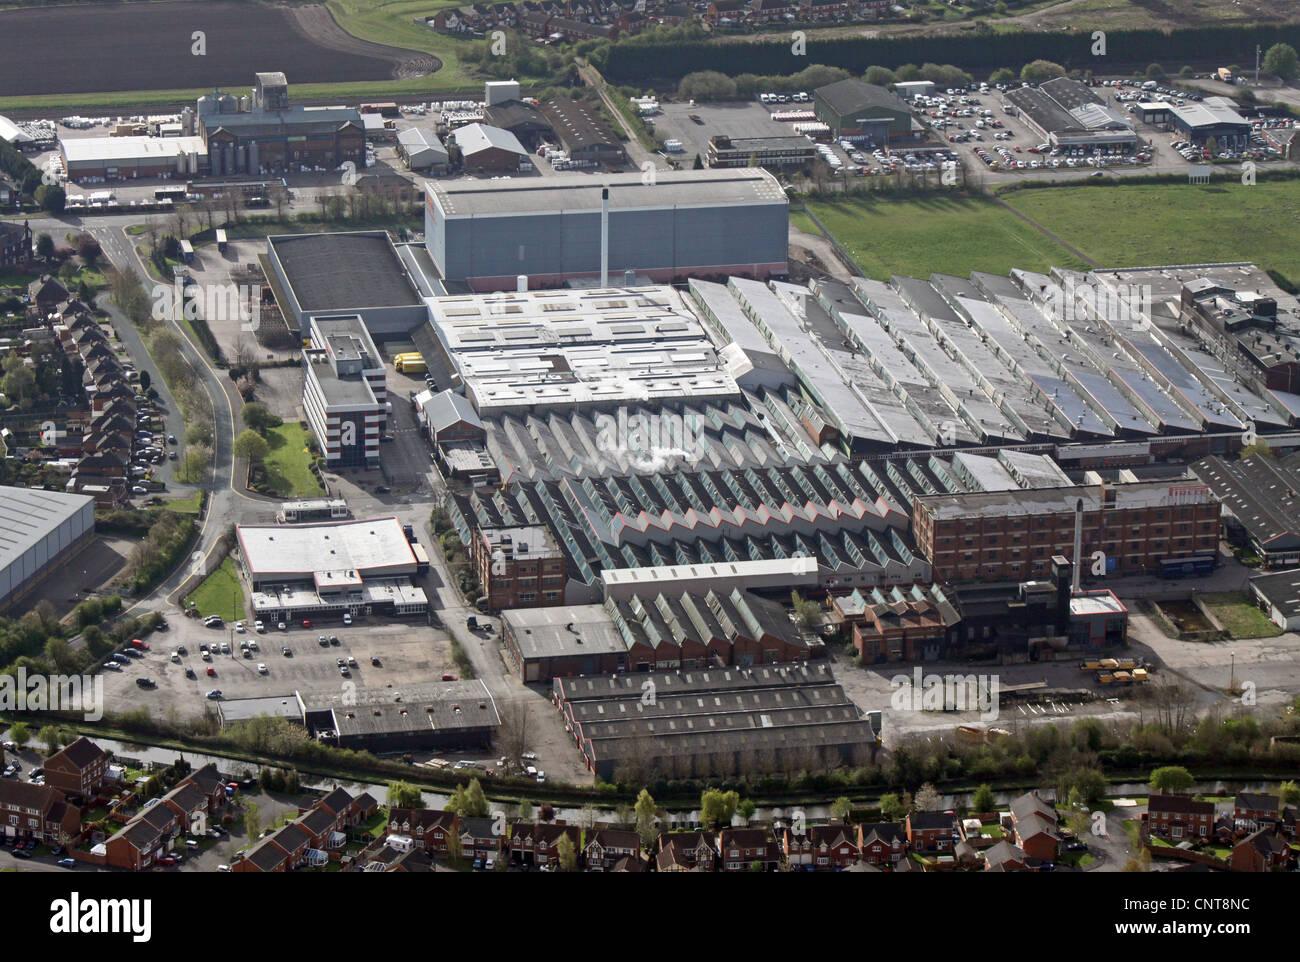 Luftaufnahme der Fabriken an der Beech Avenue, gleich neben der A38, Burton on Trent, Staffordshire Stockfoto